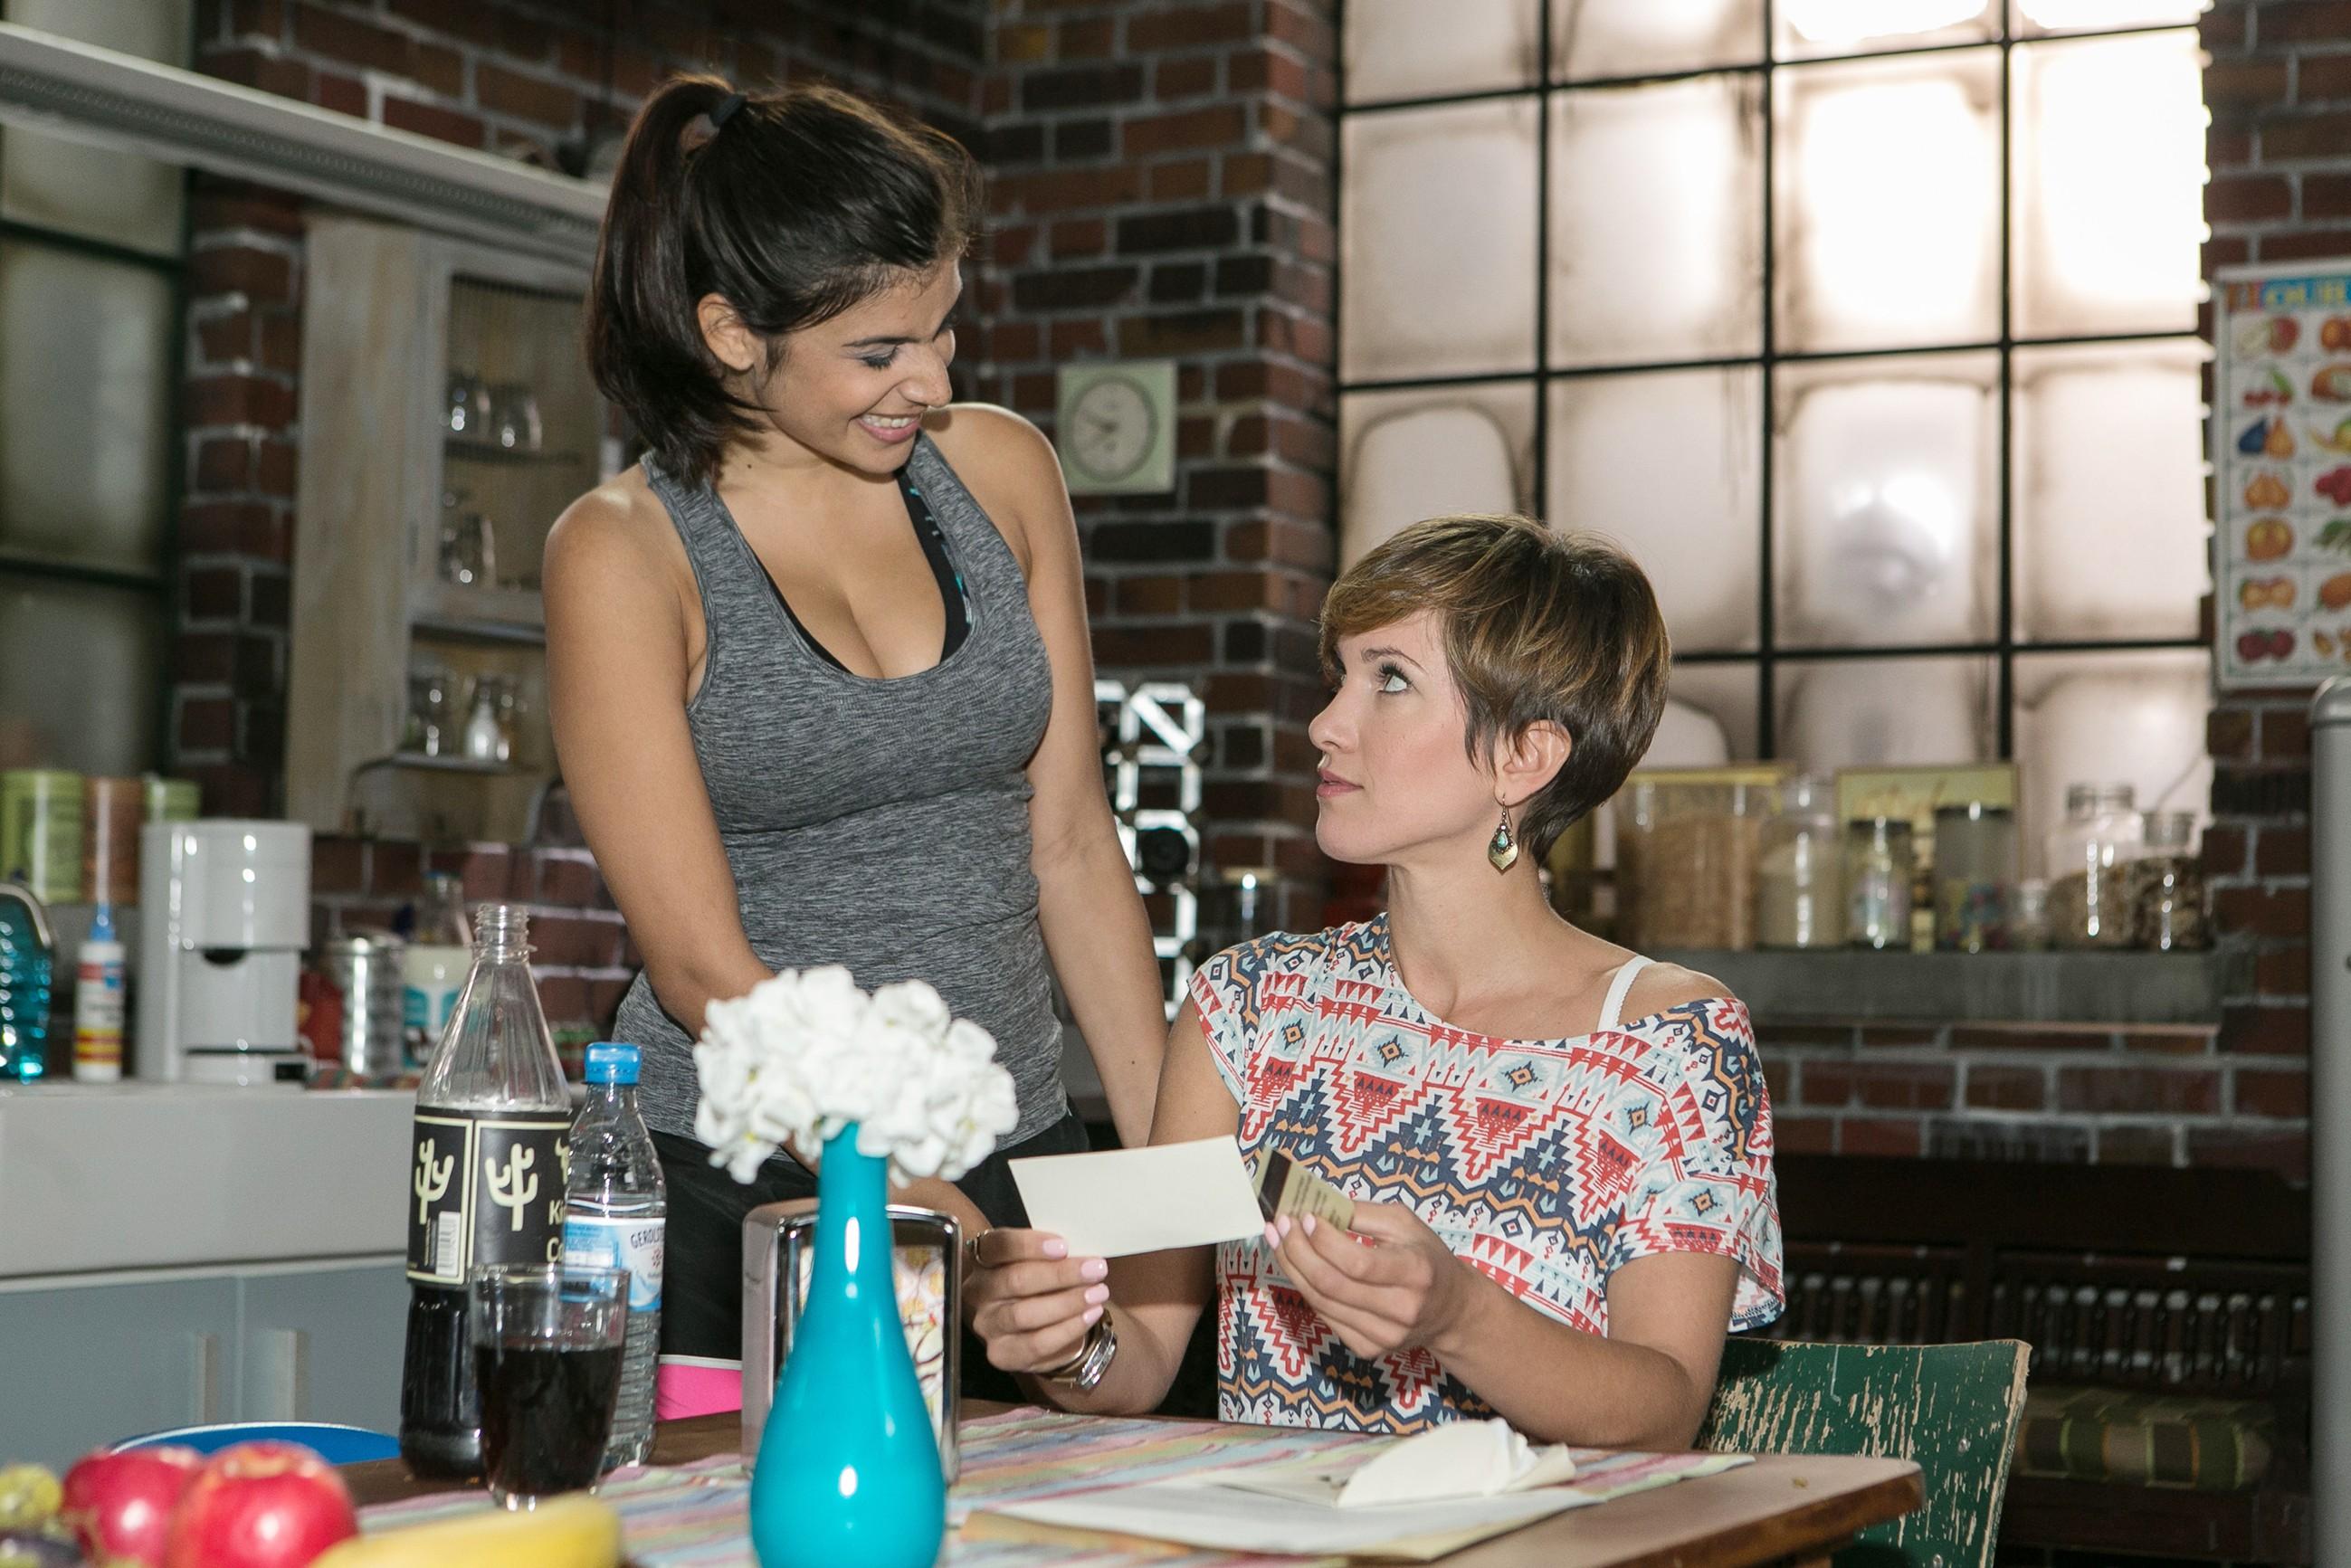 Pia (Isabell Horn, r.) erwischt es kalt, als sie in Gegenwart von Tina (Tanja Tischewitsch) einen Umschlag mit einer Hotel-KeyCard bekommt. (Quelle: RTL / Kai Schulz)